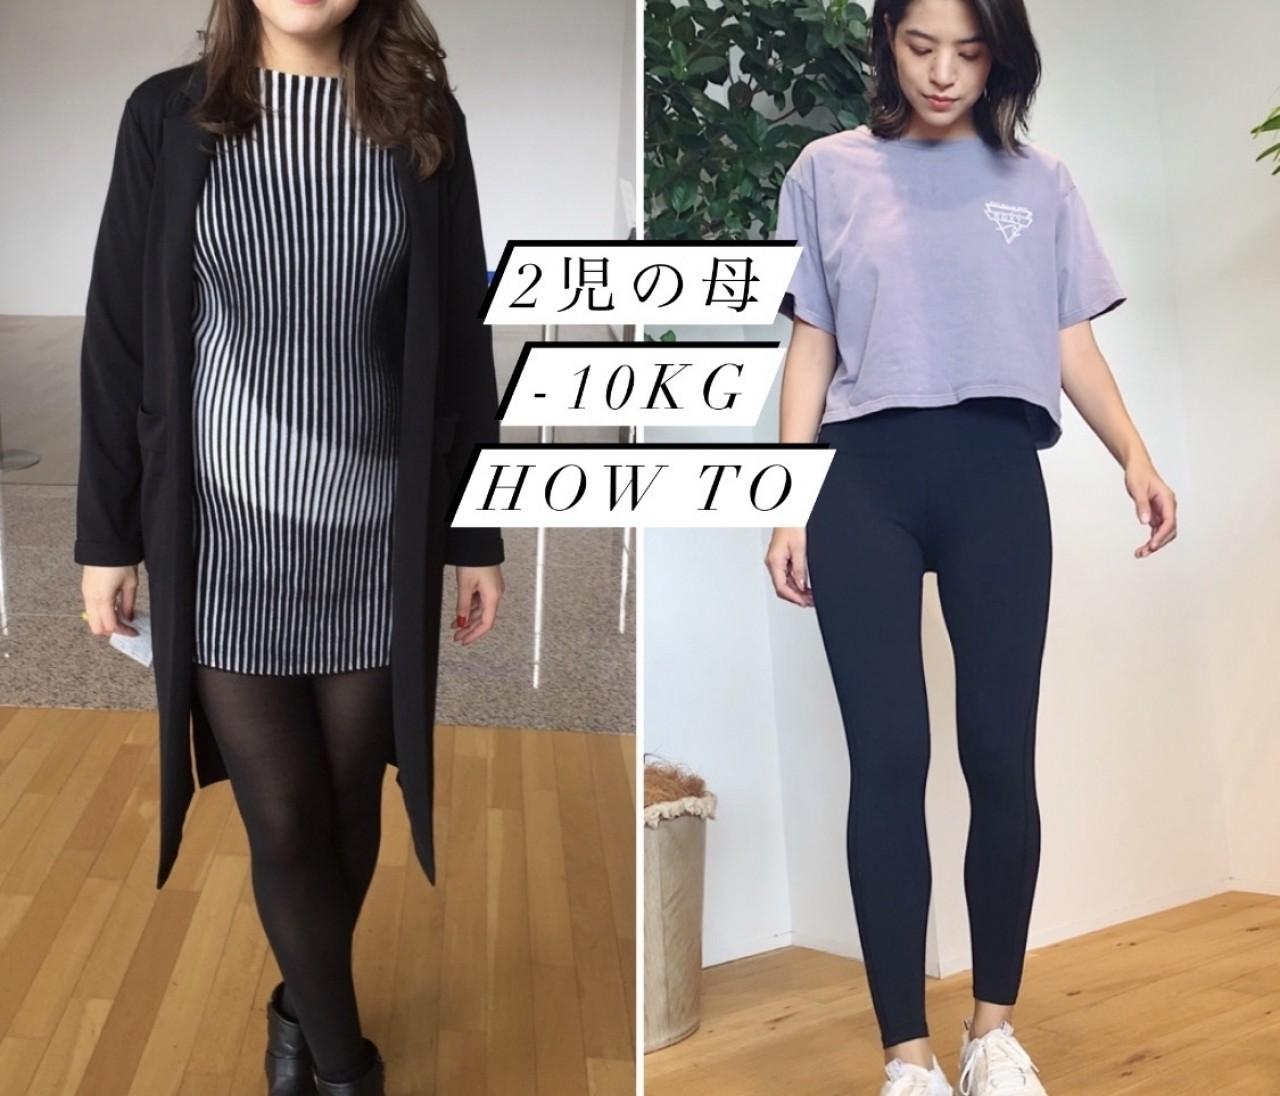 【2児ママ体験談】簡単な生活習慣で「-10kg、産後太りゼロ、リバウンドなし!」